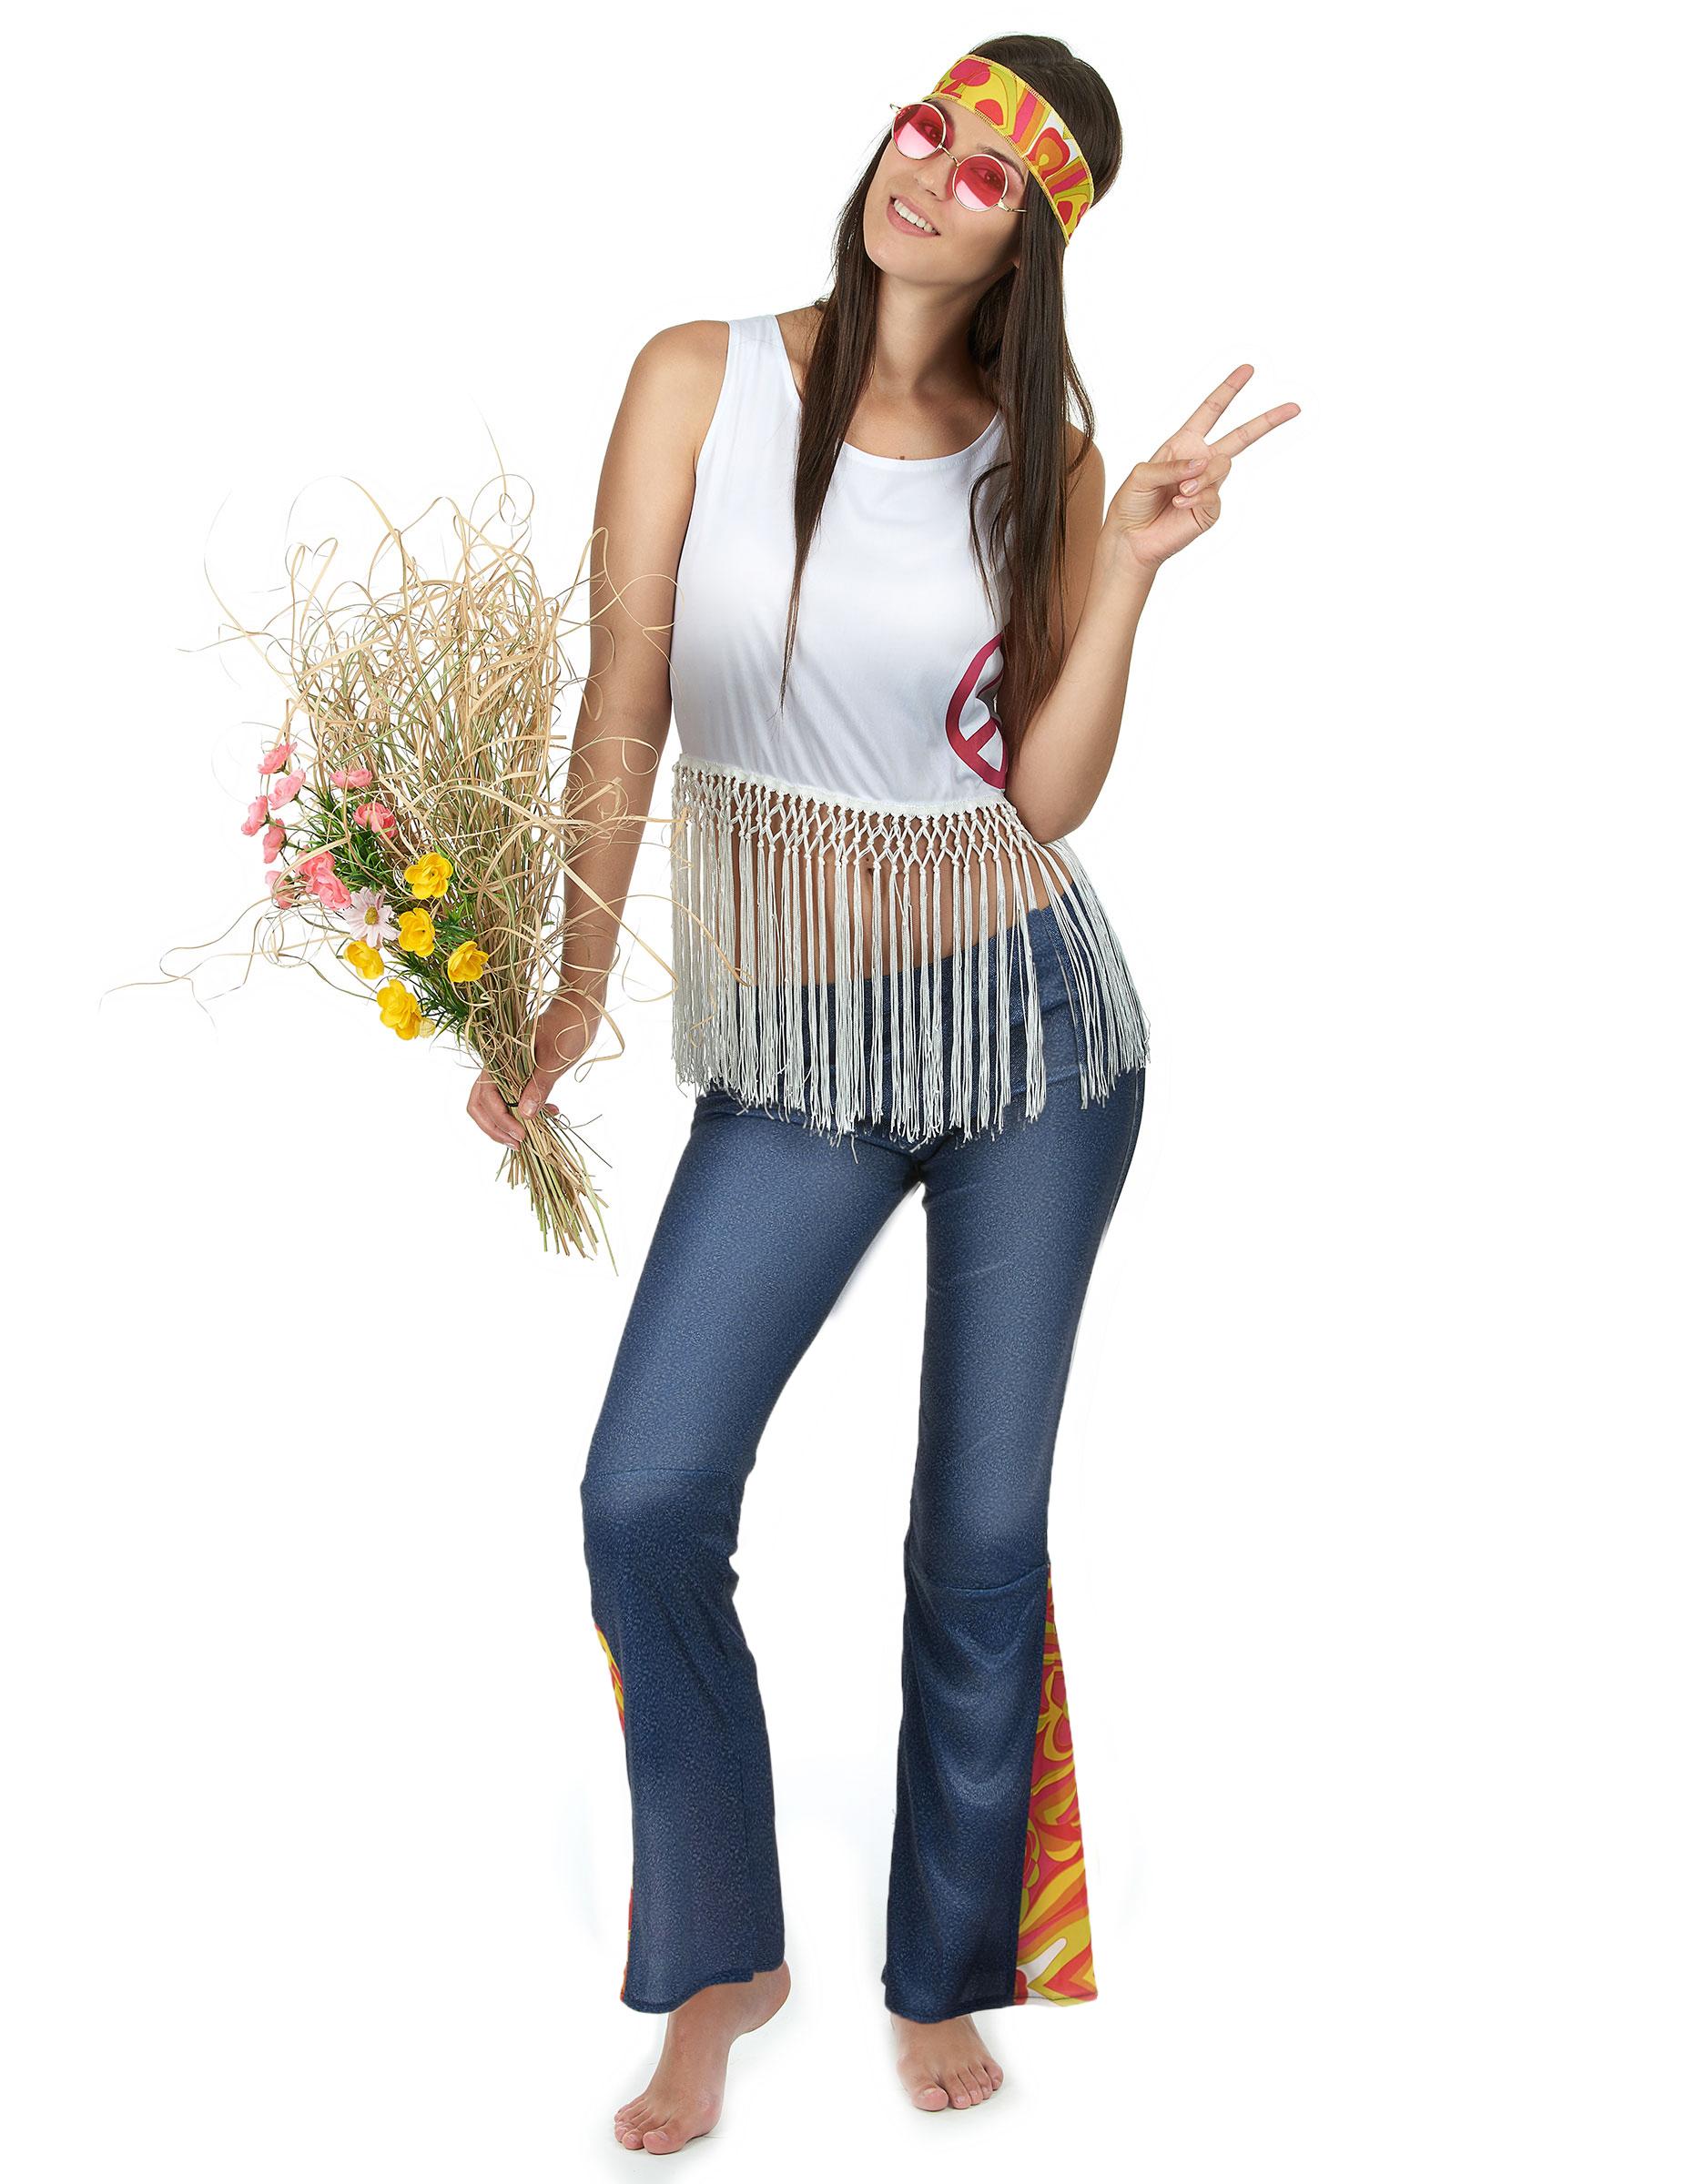 Tenue hippie chic femme awesome tenue hippie chic femme with tenue hippie chic femme good - Tenue hippie chic ...